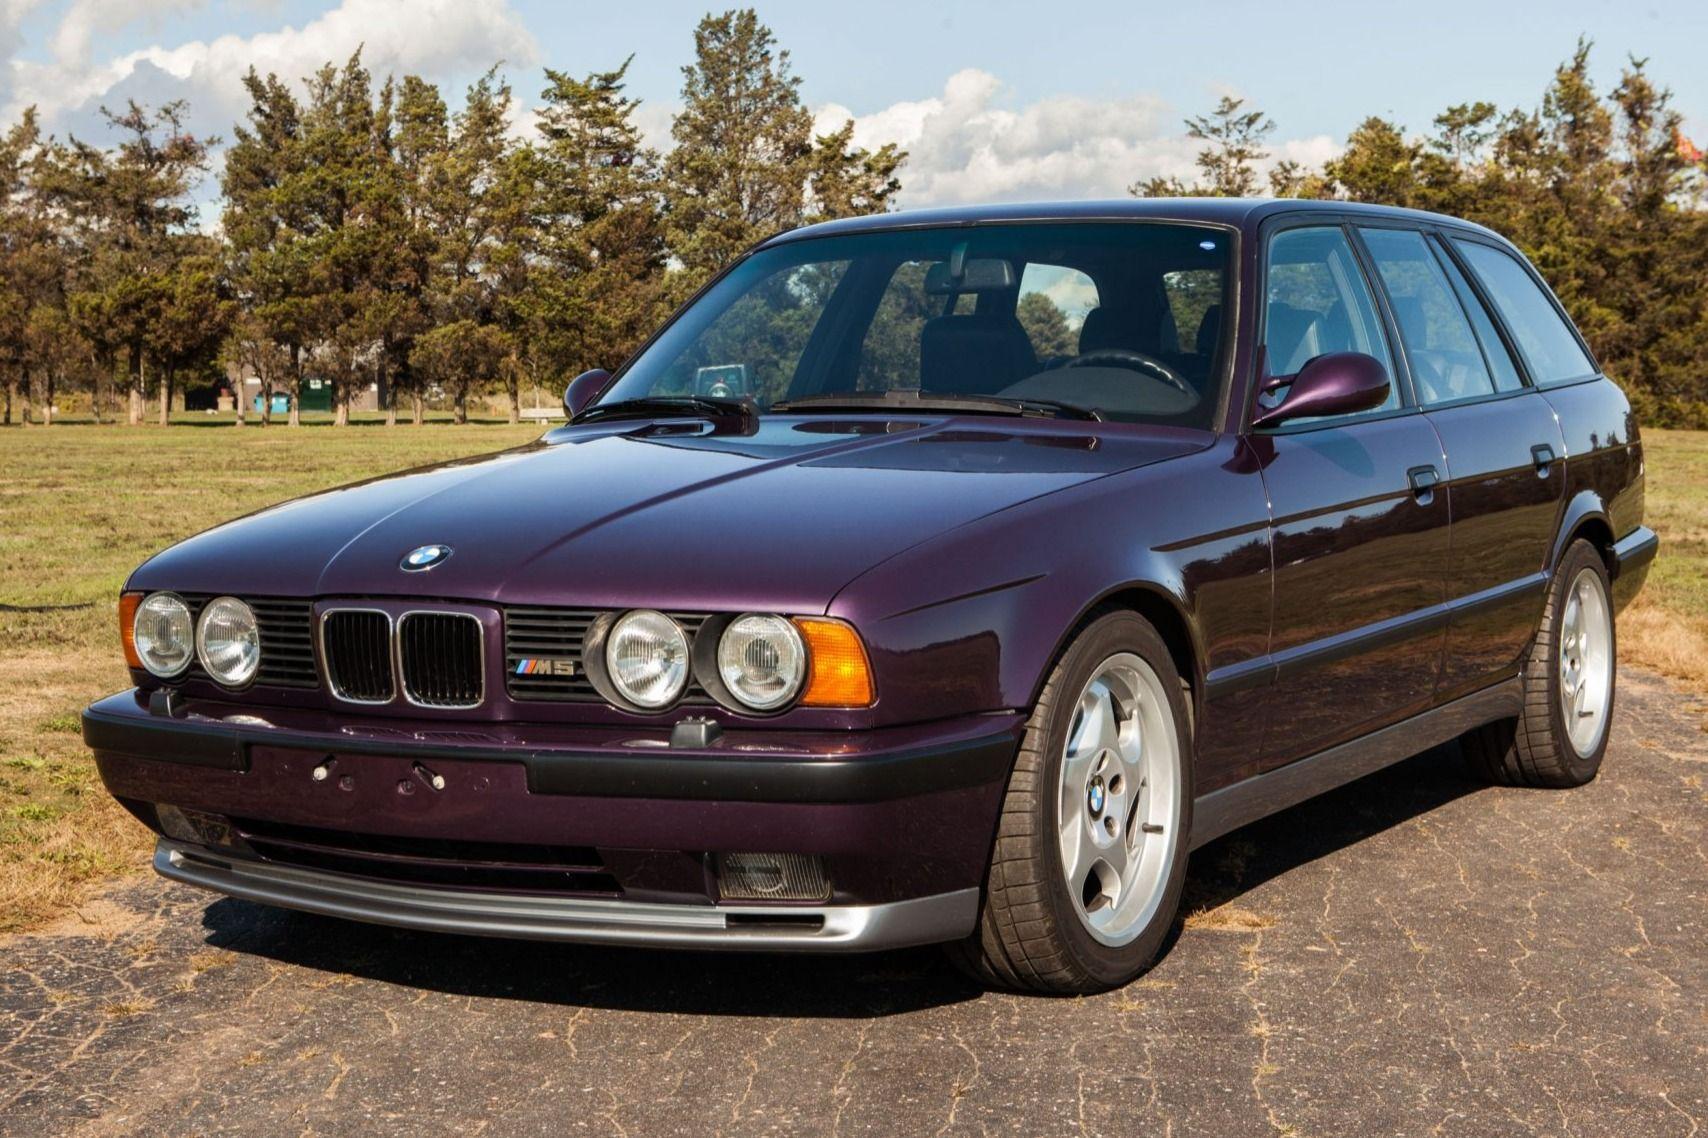 1993 Bmw M5 Touring Vin Wbshj91030bl01376 Classic Com